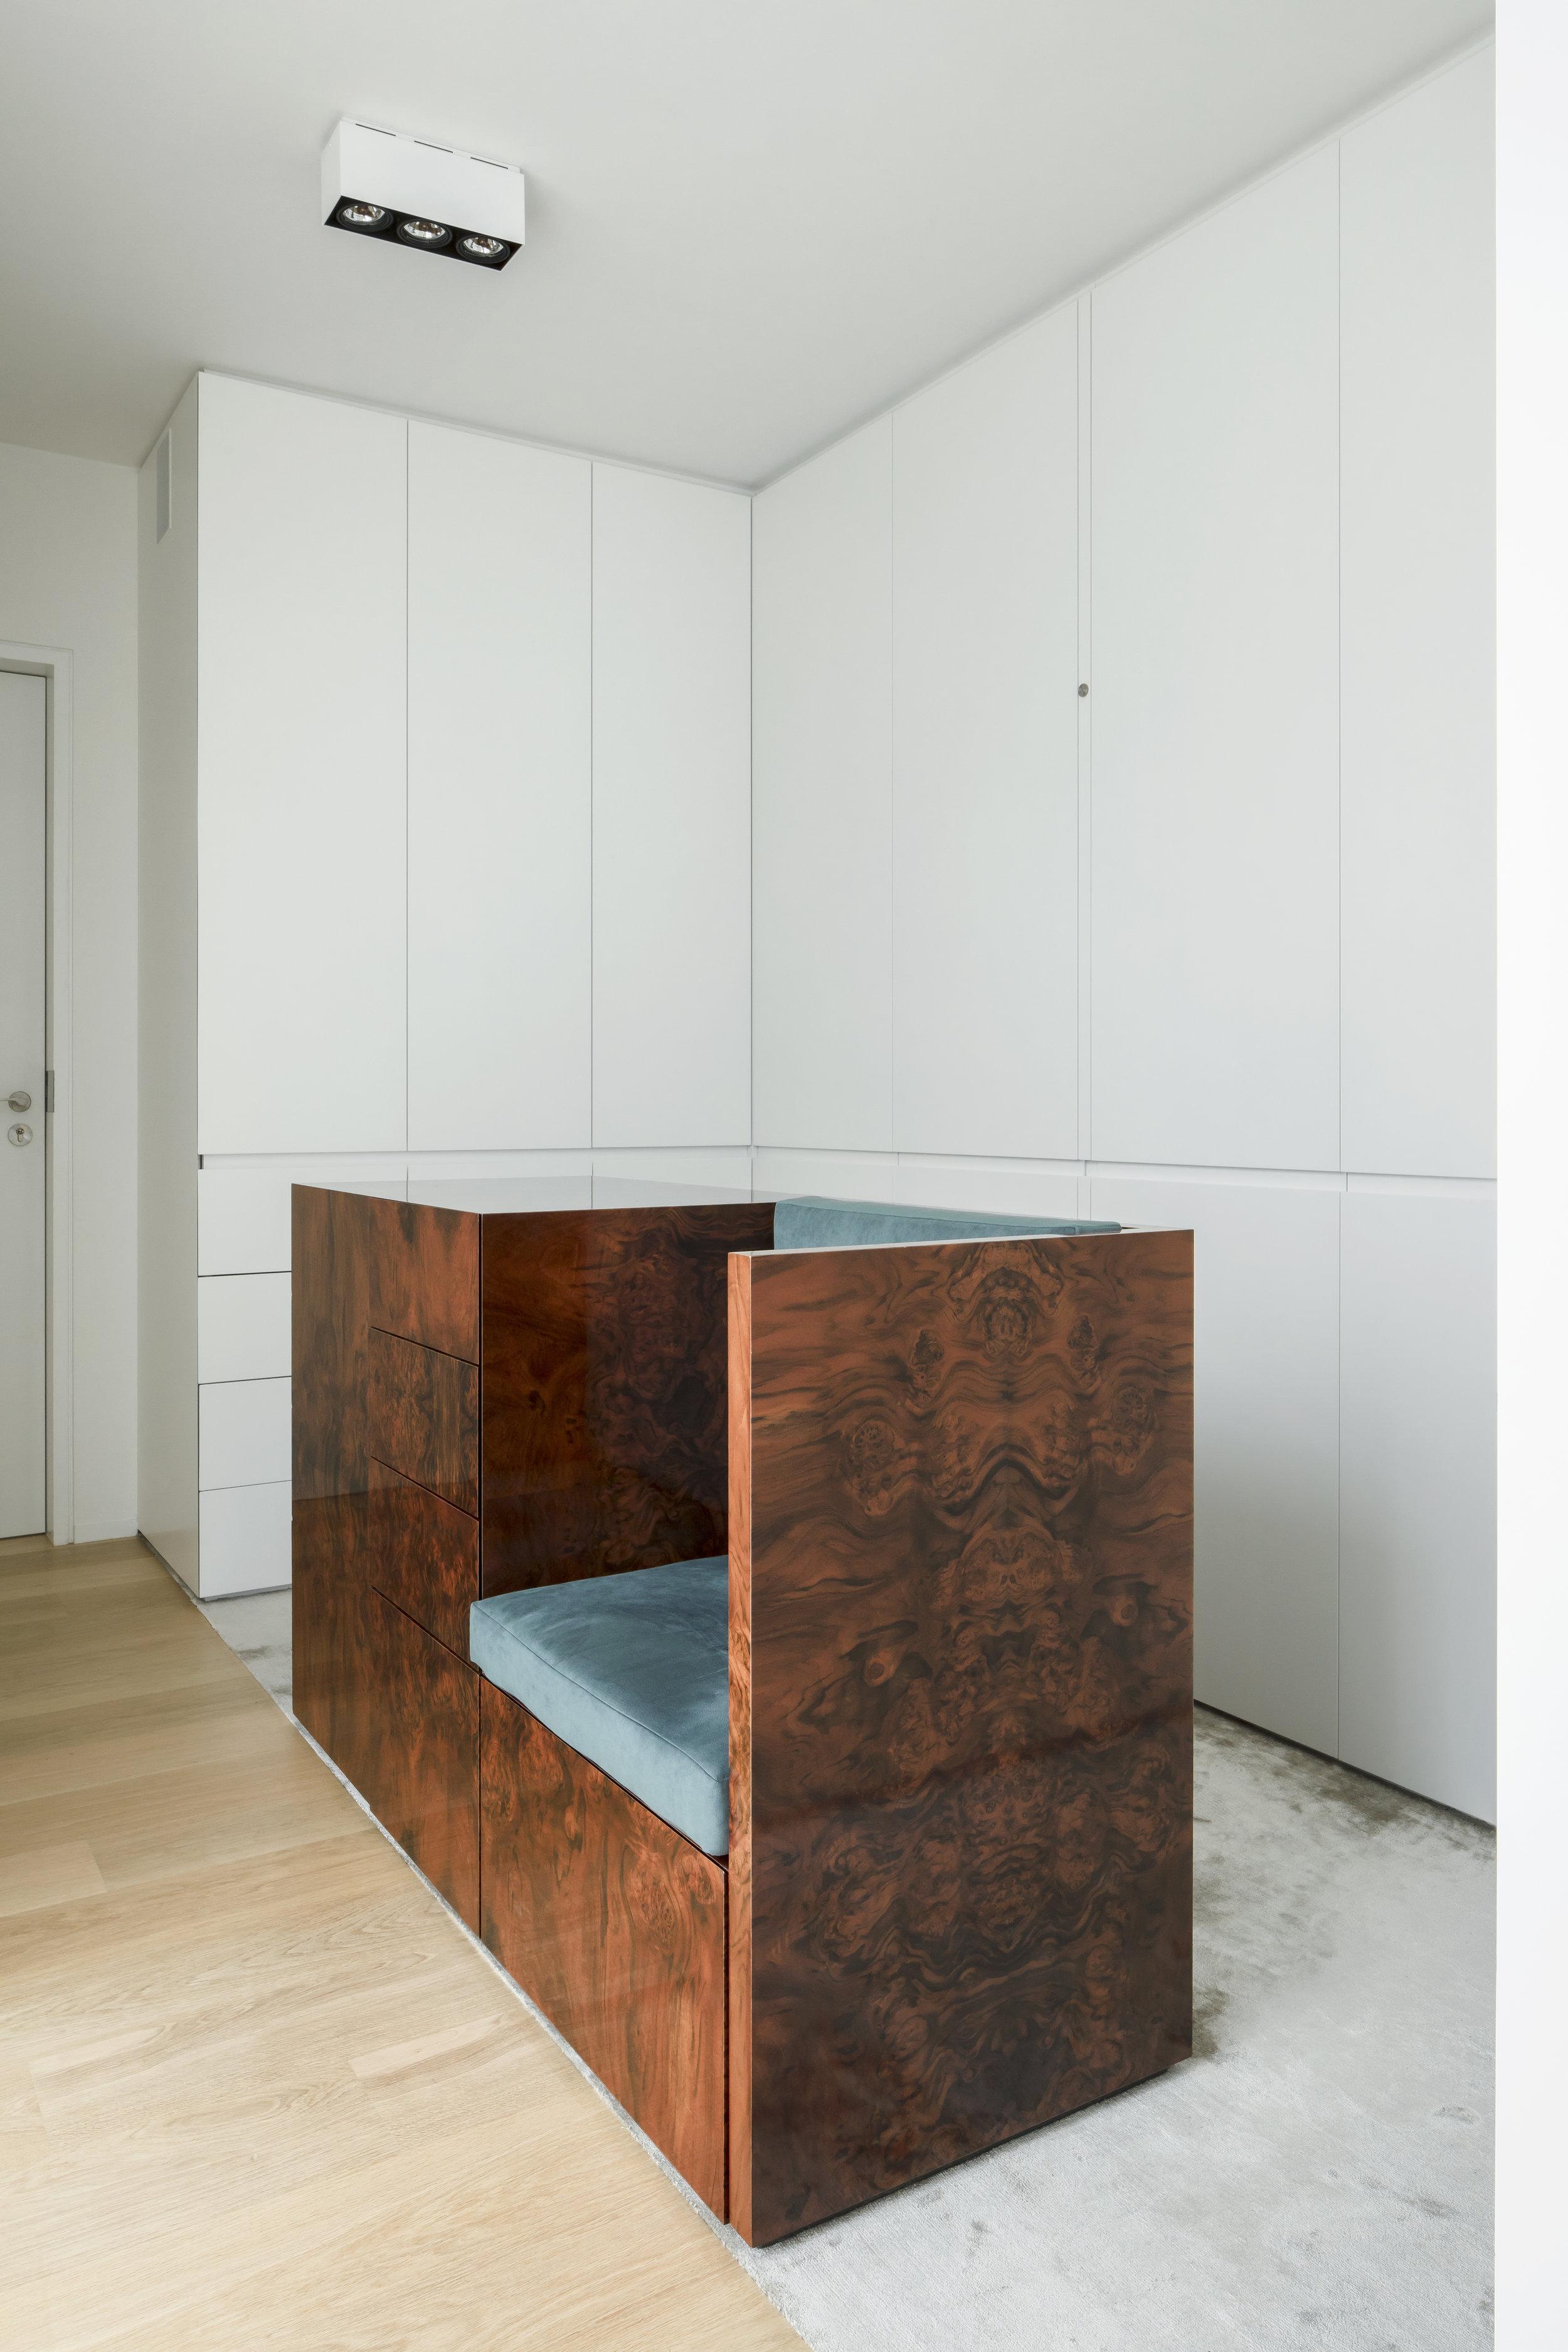 demeestervliegen-architecture-interior-interiorarchitecture-office2.jpg